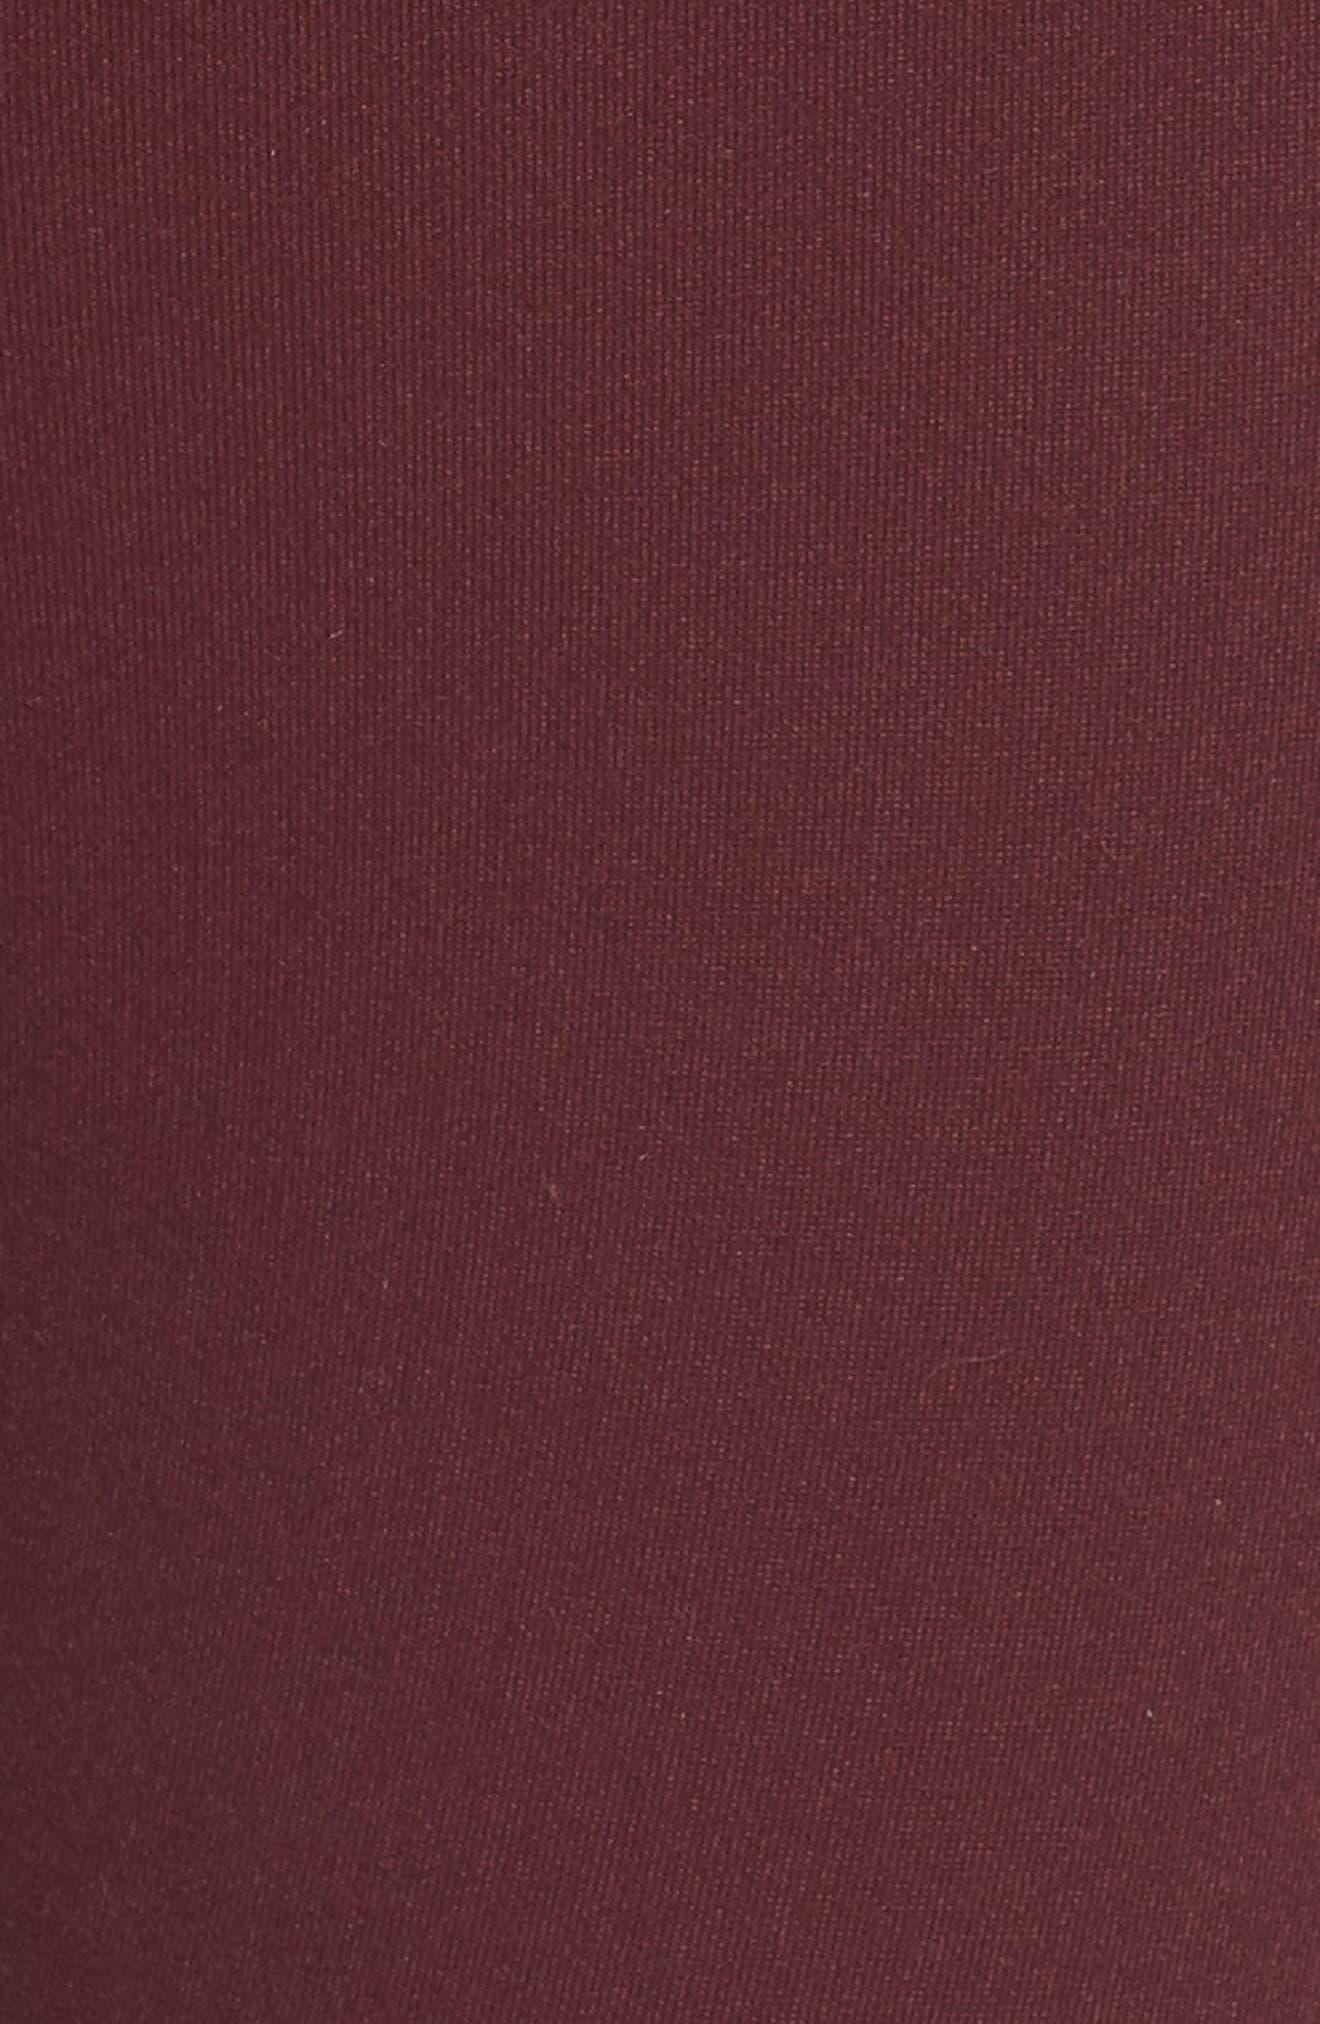 'Hatha' High Waist Crop Leggings,                             Alternate thumbnail 101, color,